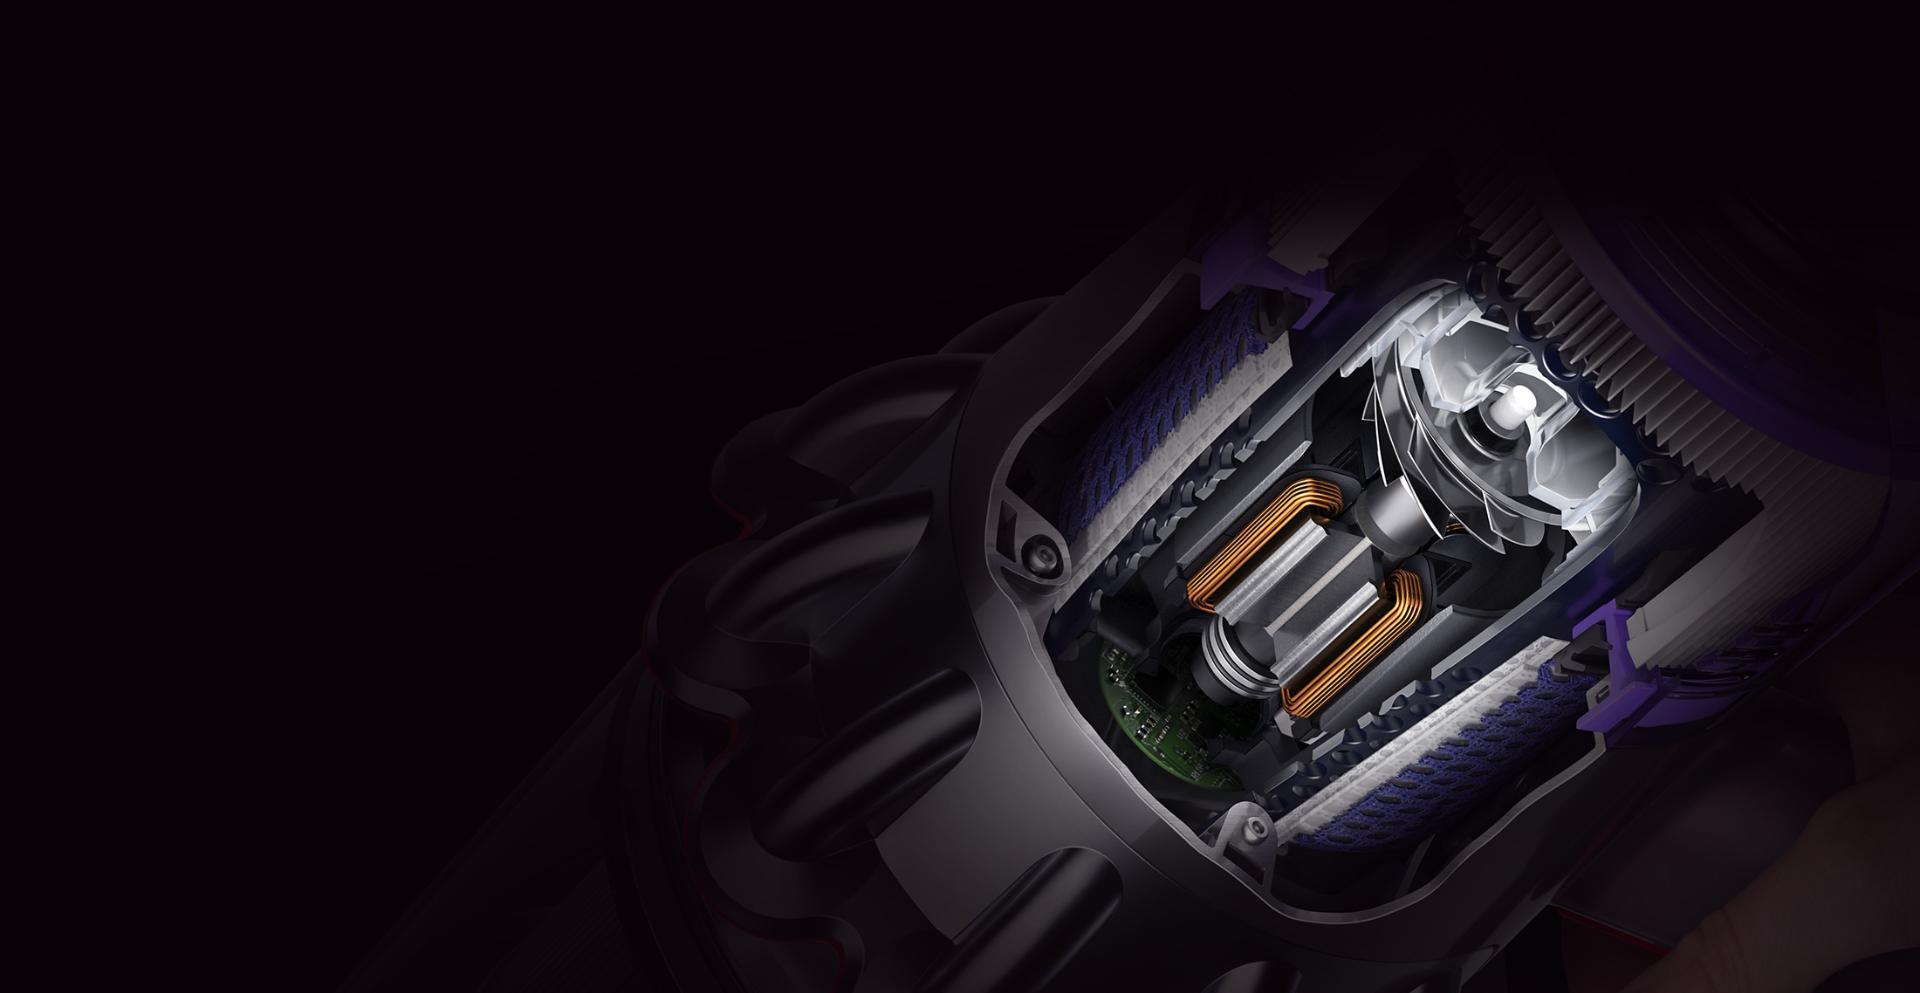 다이슨 디지털 모터 V11의 단면도